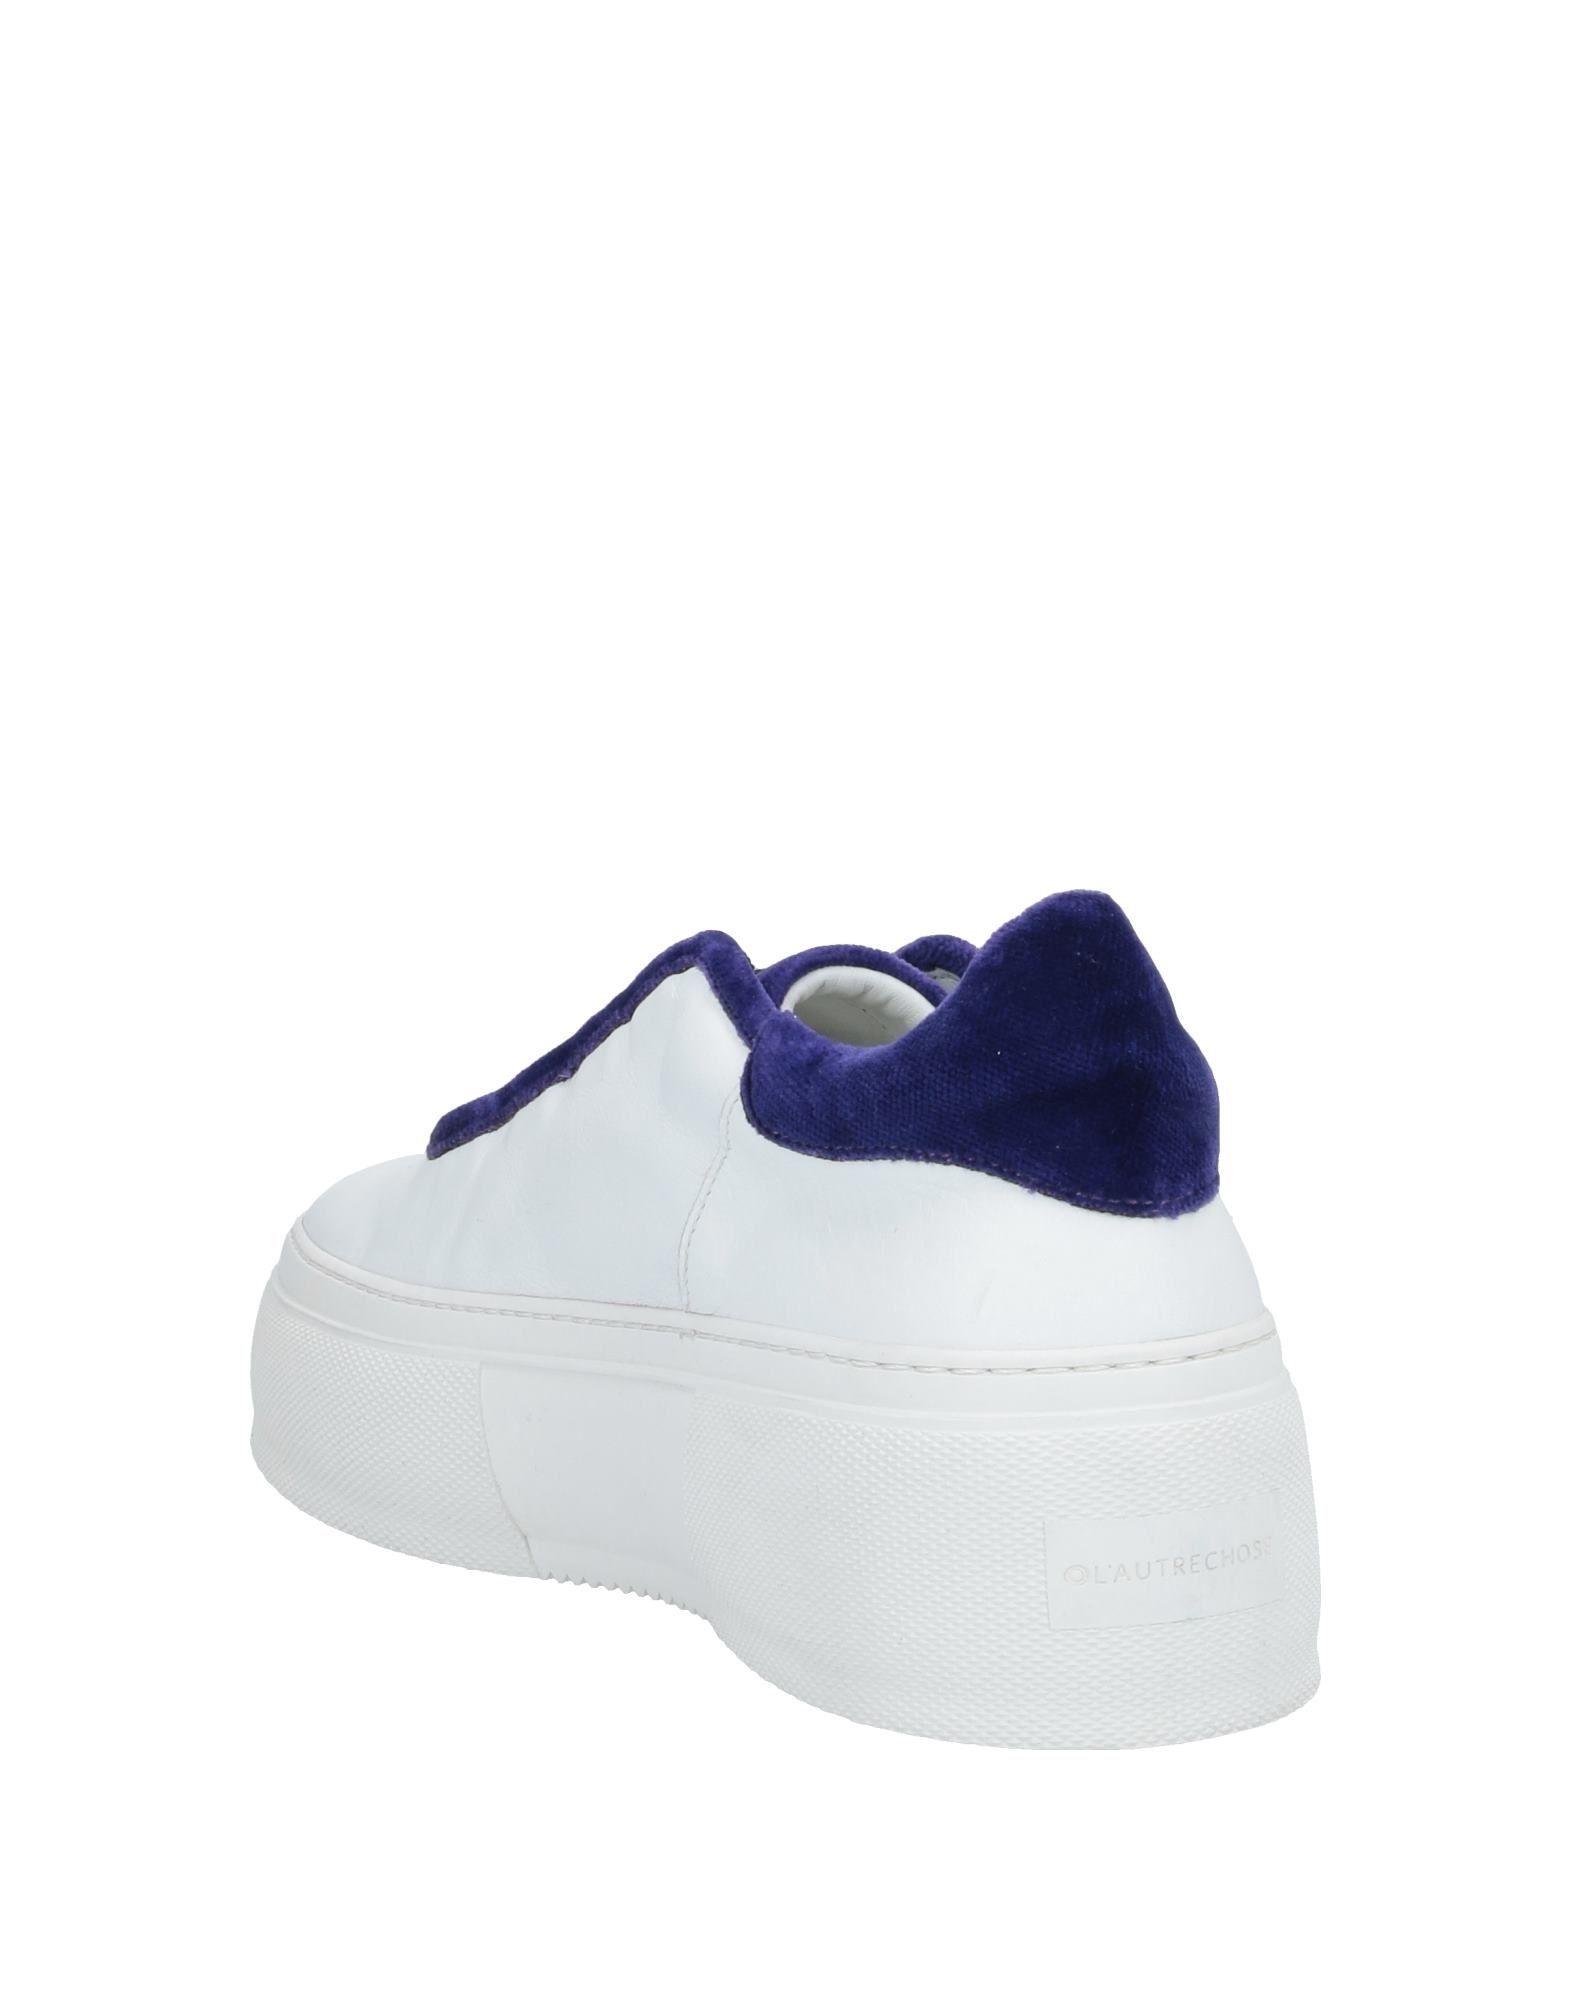 Sneakers & Deportivas L'Autre Chose de Terciopelo de color Blanco